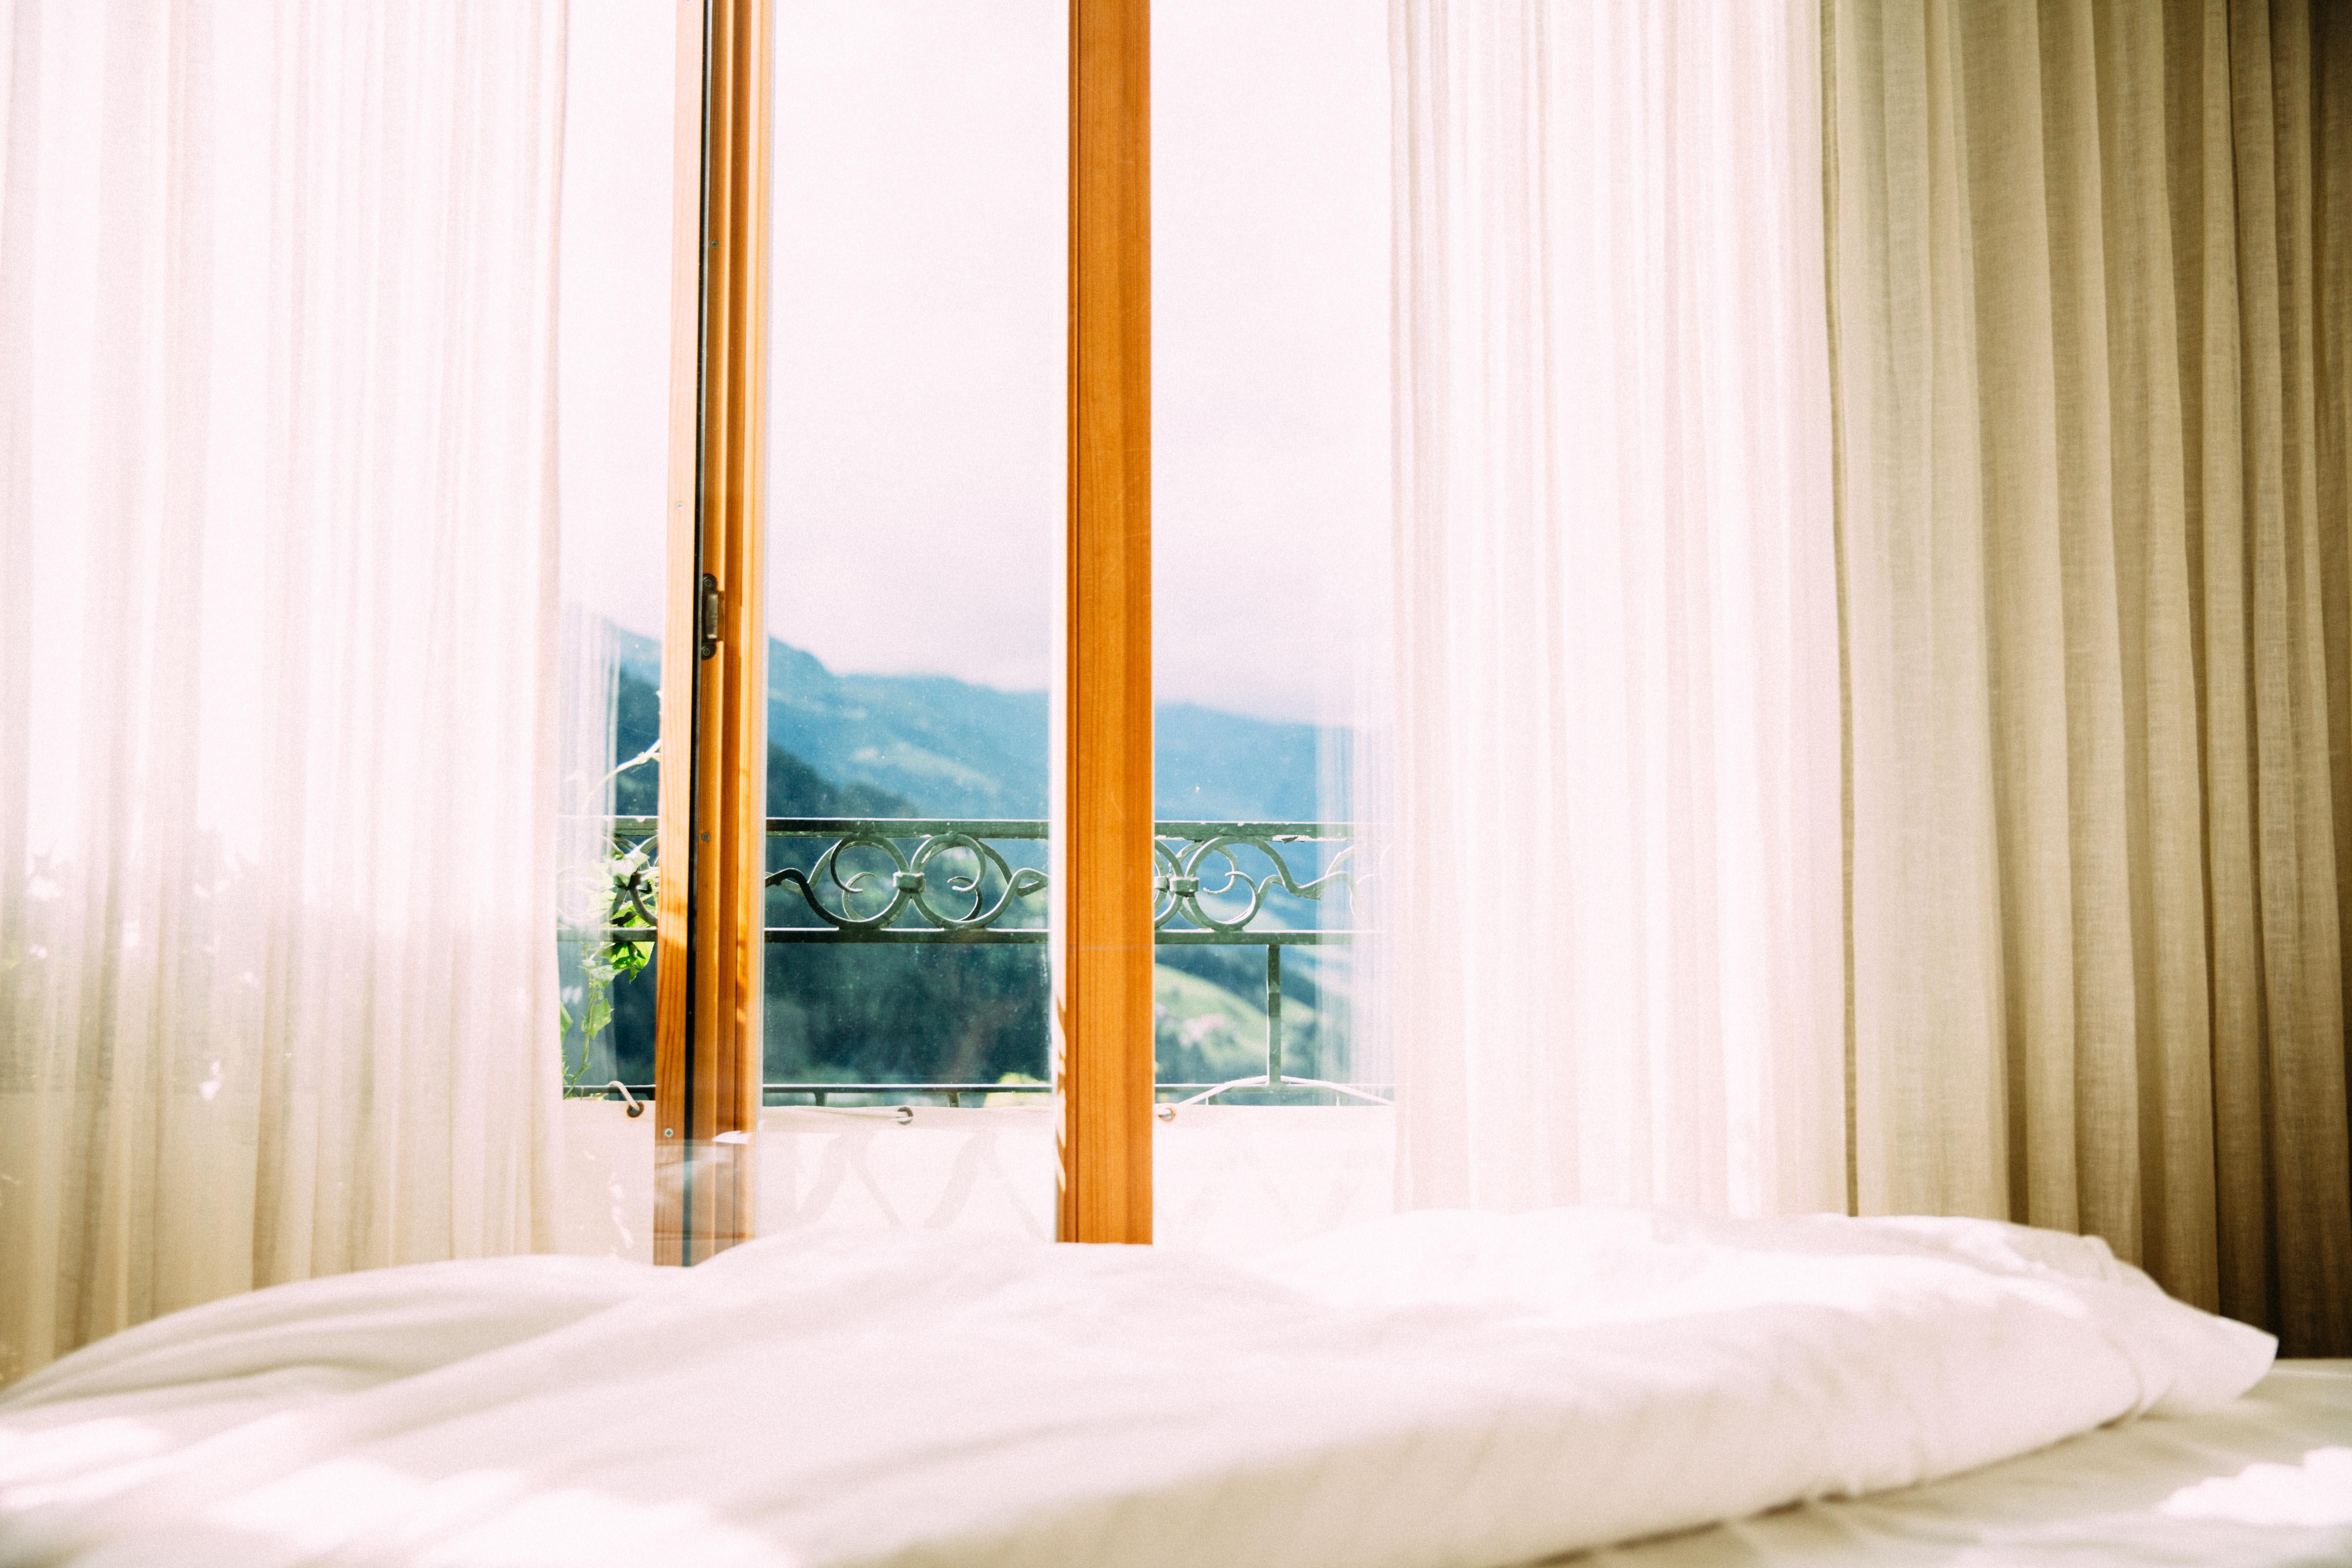 Lieblingshotel Haus Hirt Bad Gastein Zuckerzimtundliebe Österreich Wellness Spa Hotel